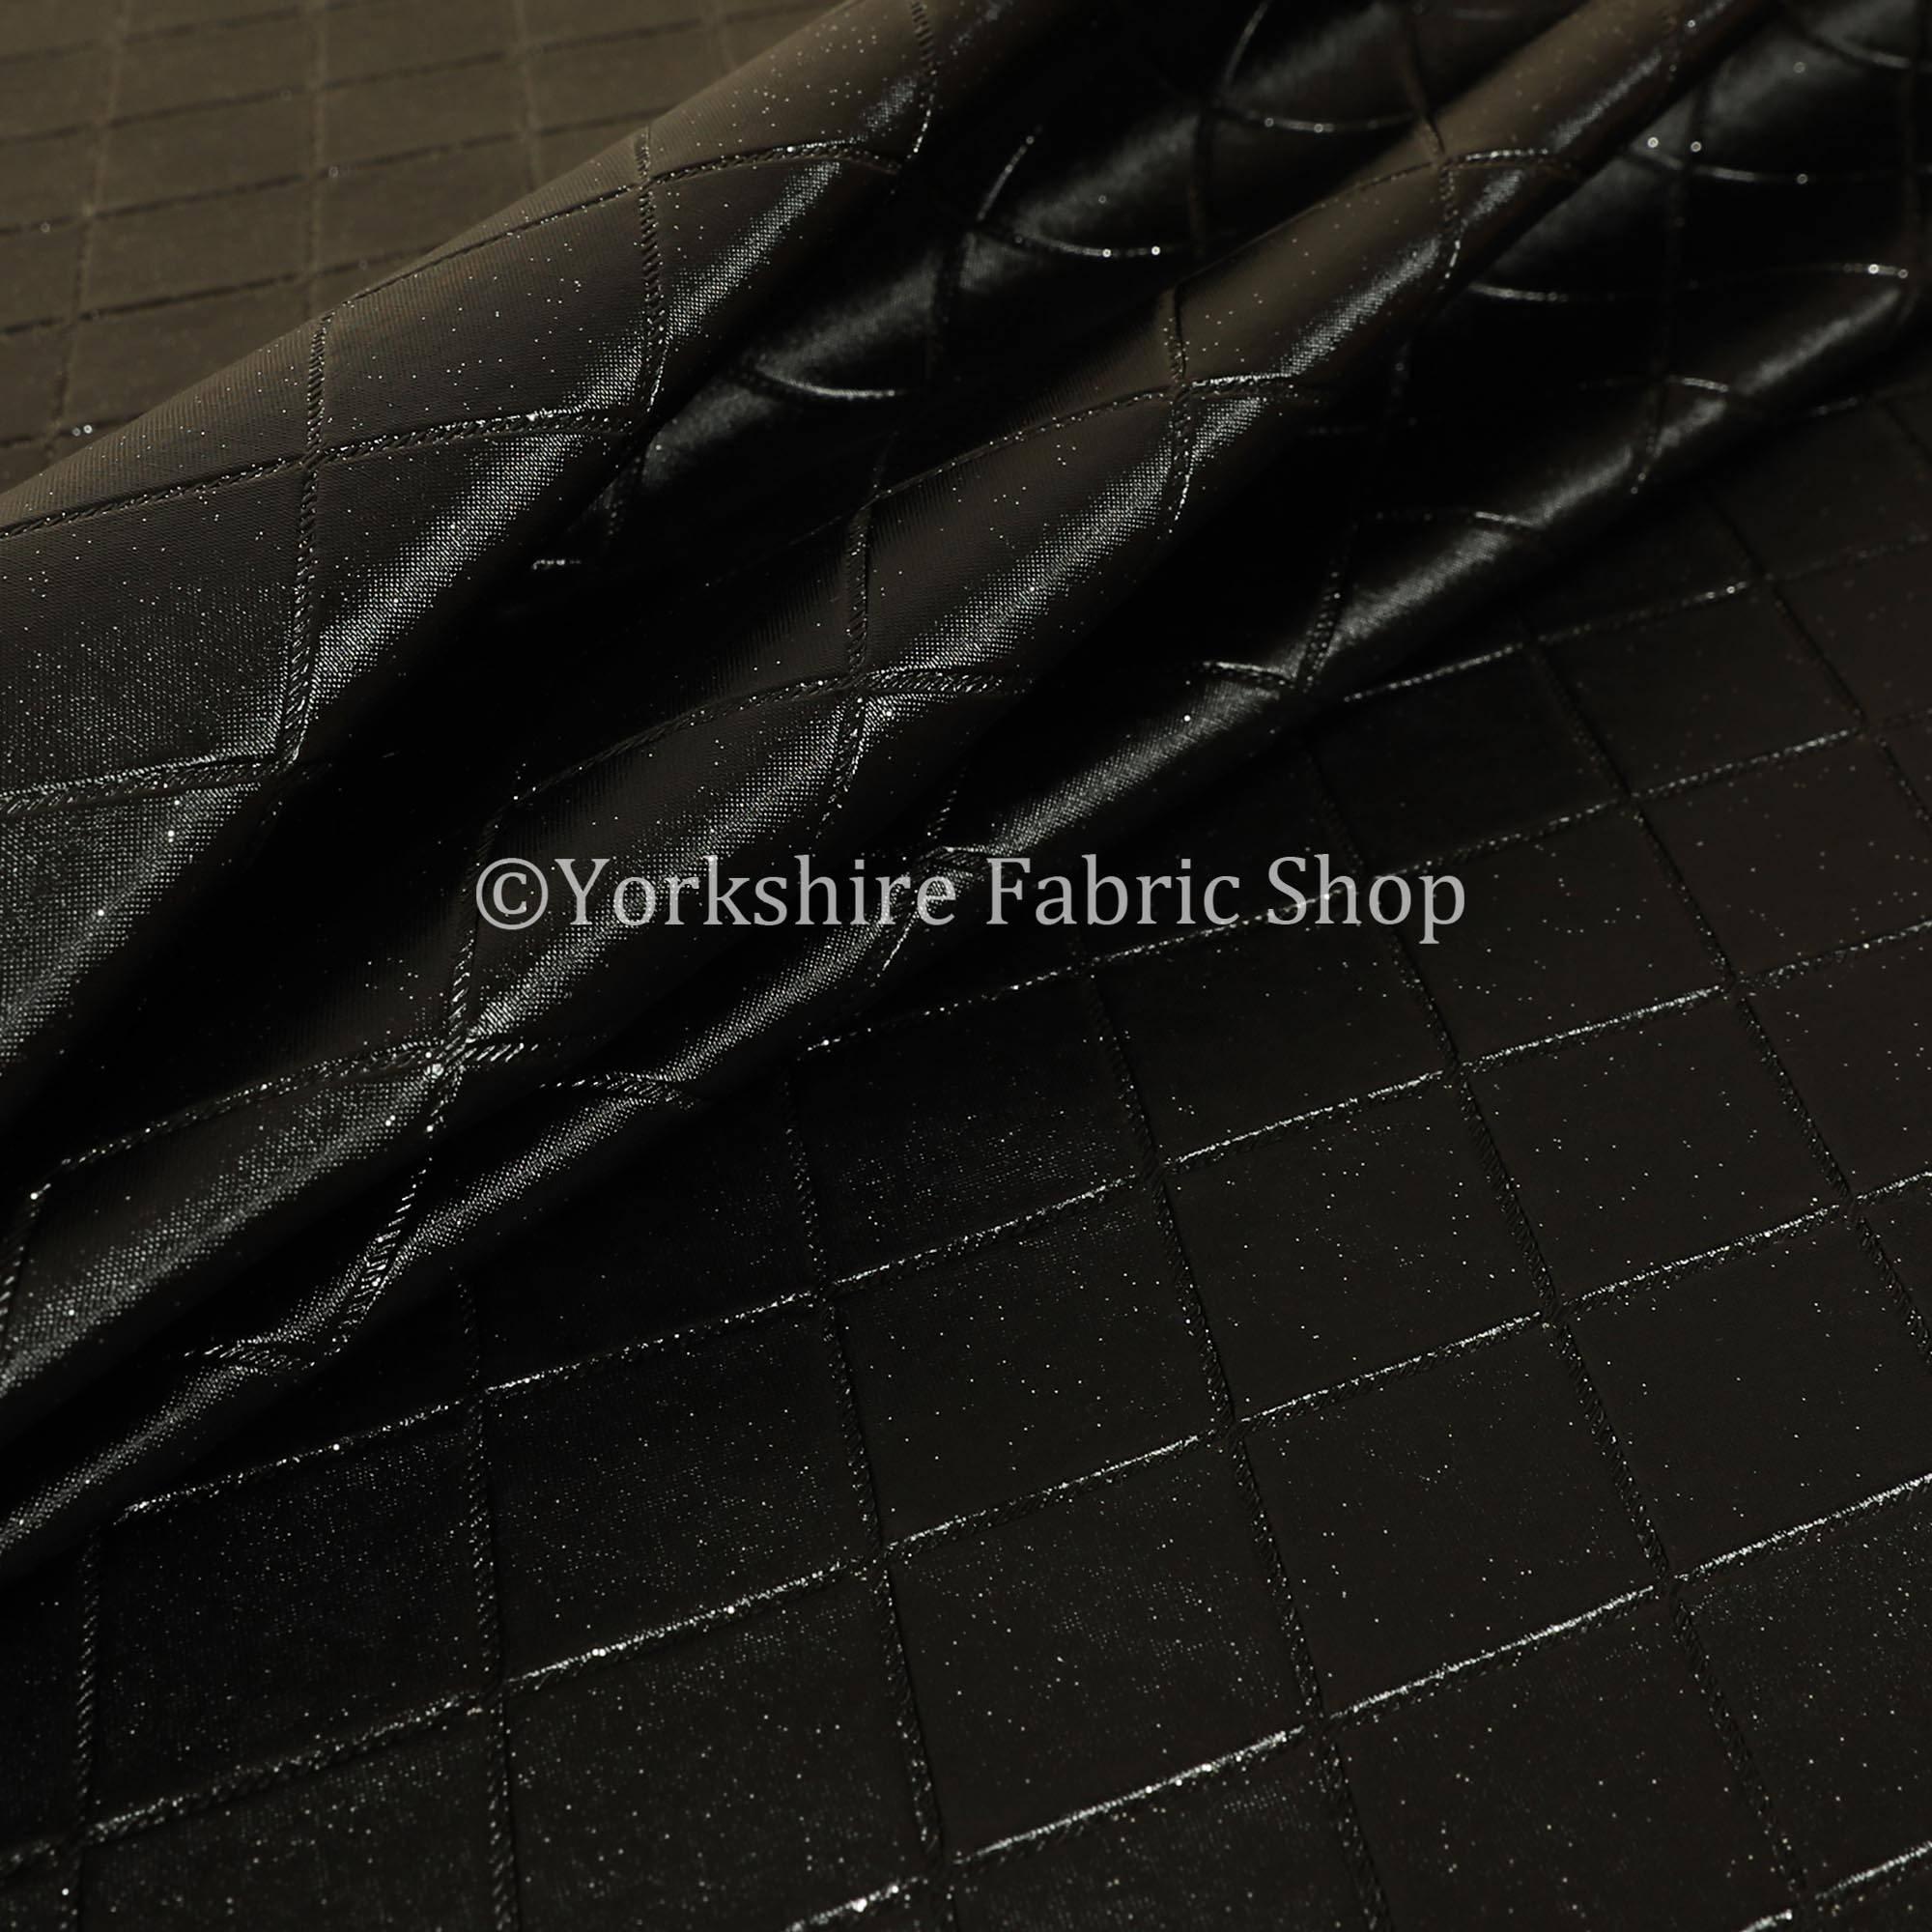 Designer Diamond forme forme forme paillettes vinyle simili cuir tissu d'ameublement noir couleur - vendu au mètre 10 f4a046